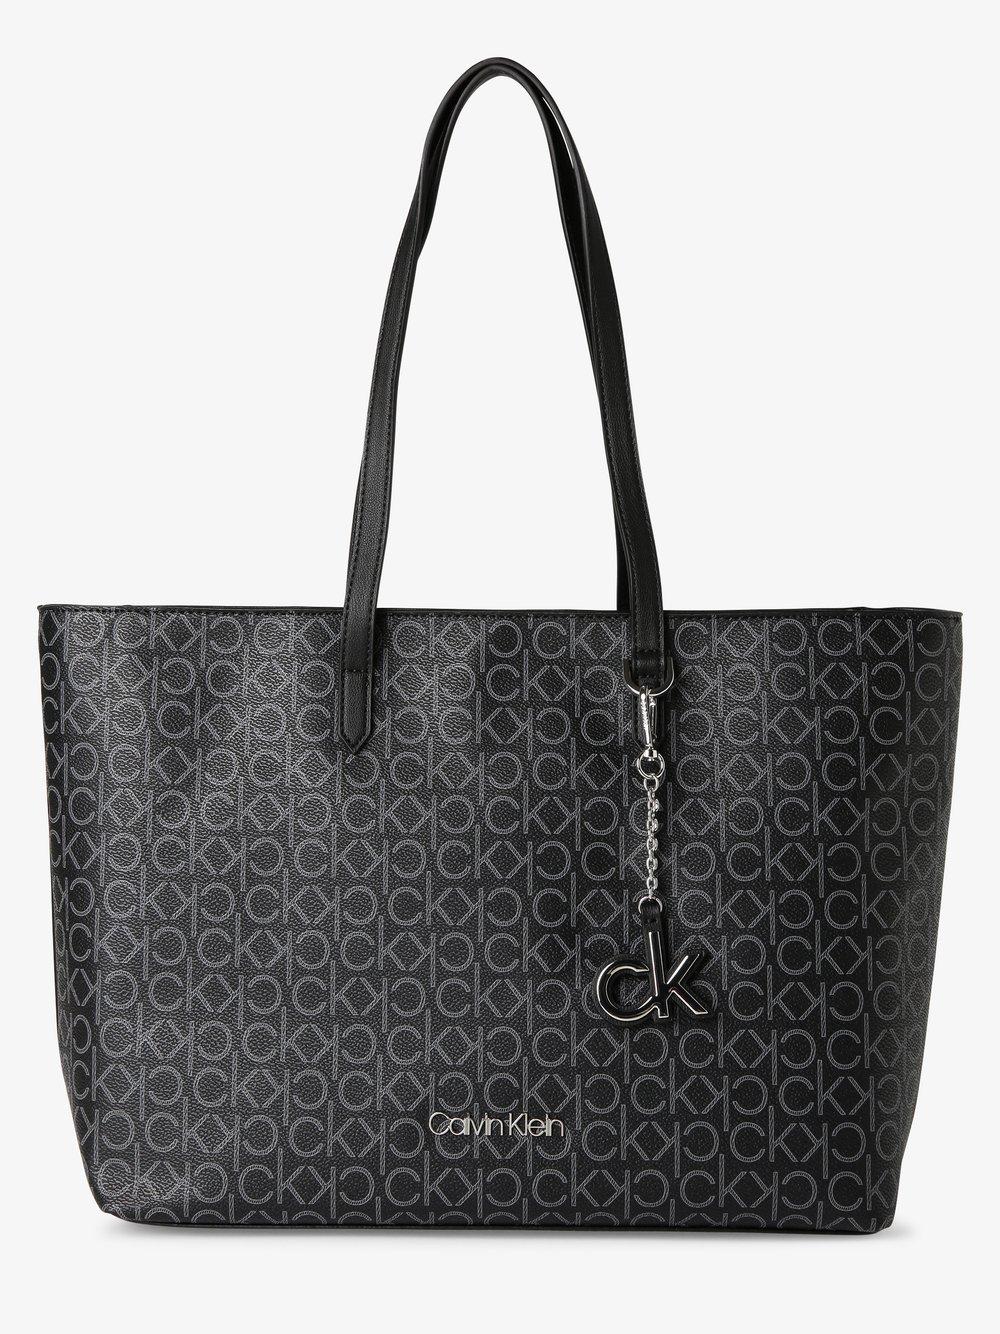 Calvin Klein - Damska torba shopper, czarny